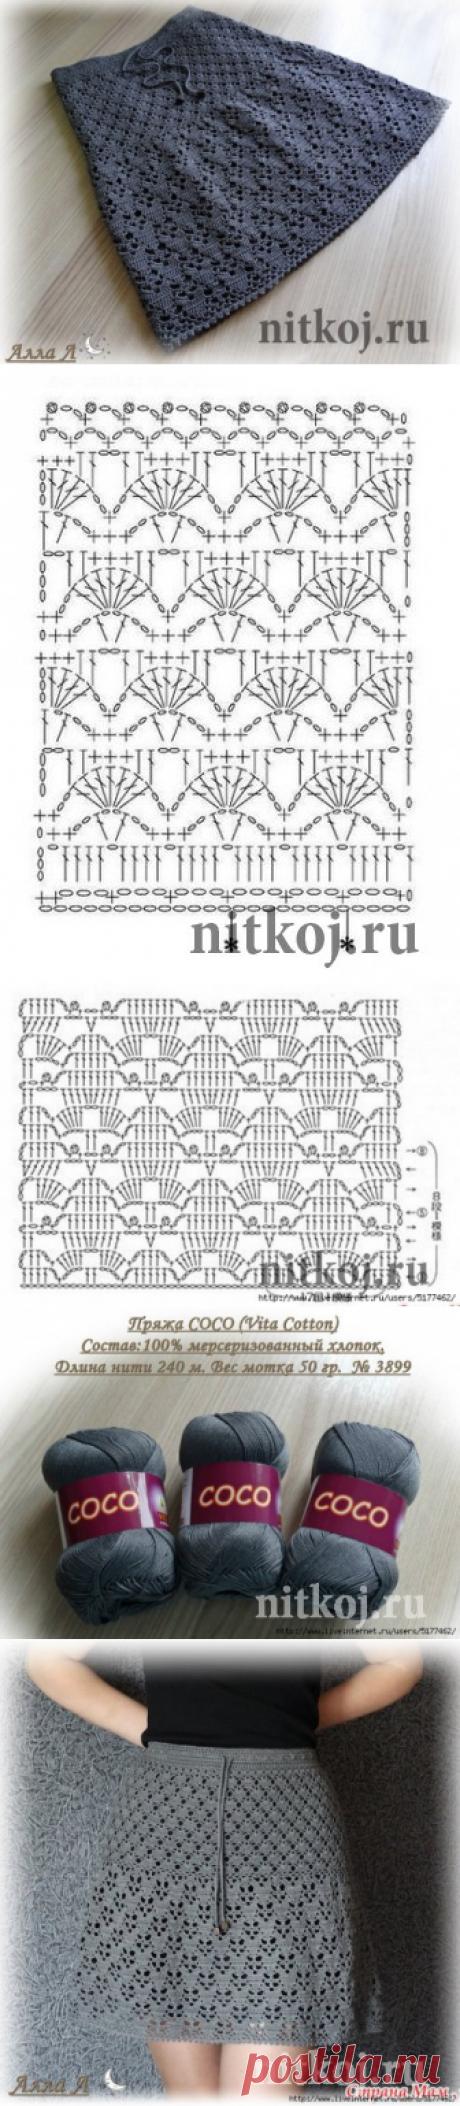 Юбка крючком «Антрацит» от Аллы Л » Ниткой - вязаные вещи для вашего дома, вязание крючком, вязание спицами, схемы вязания